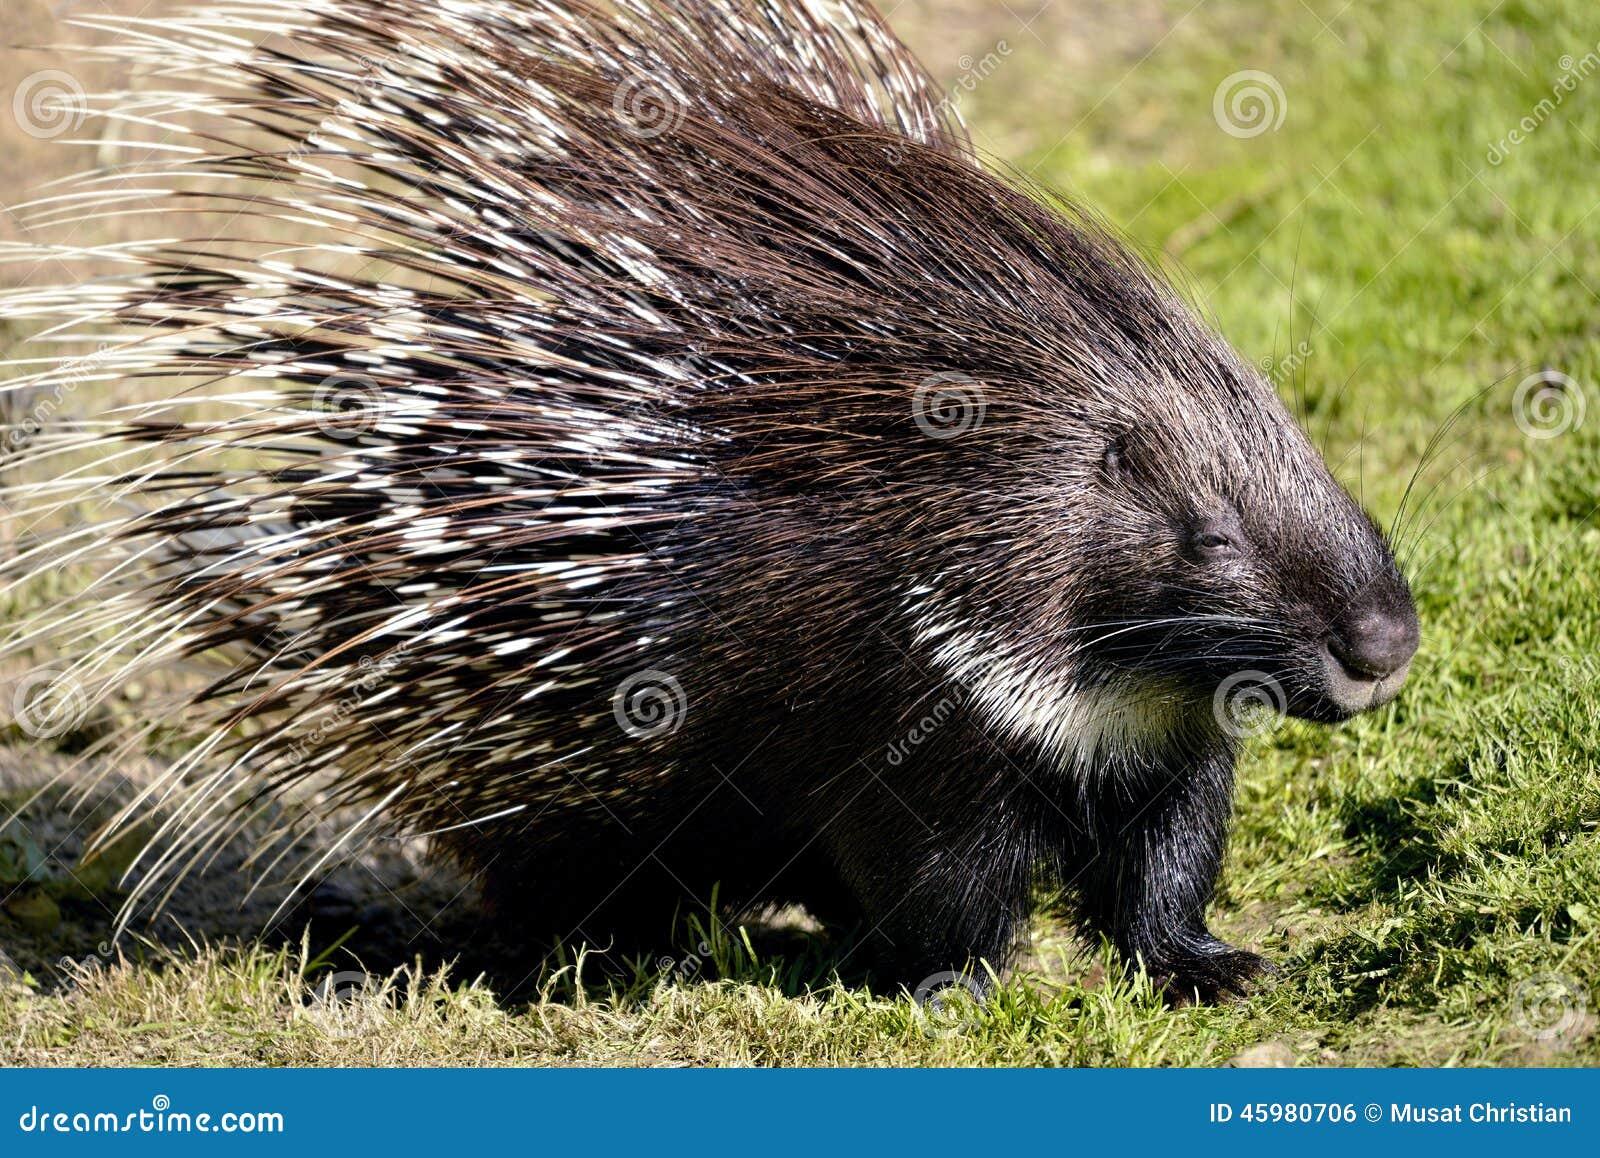 Puerco espín con cresta indio en hierba